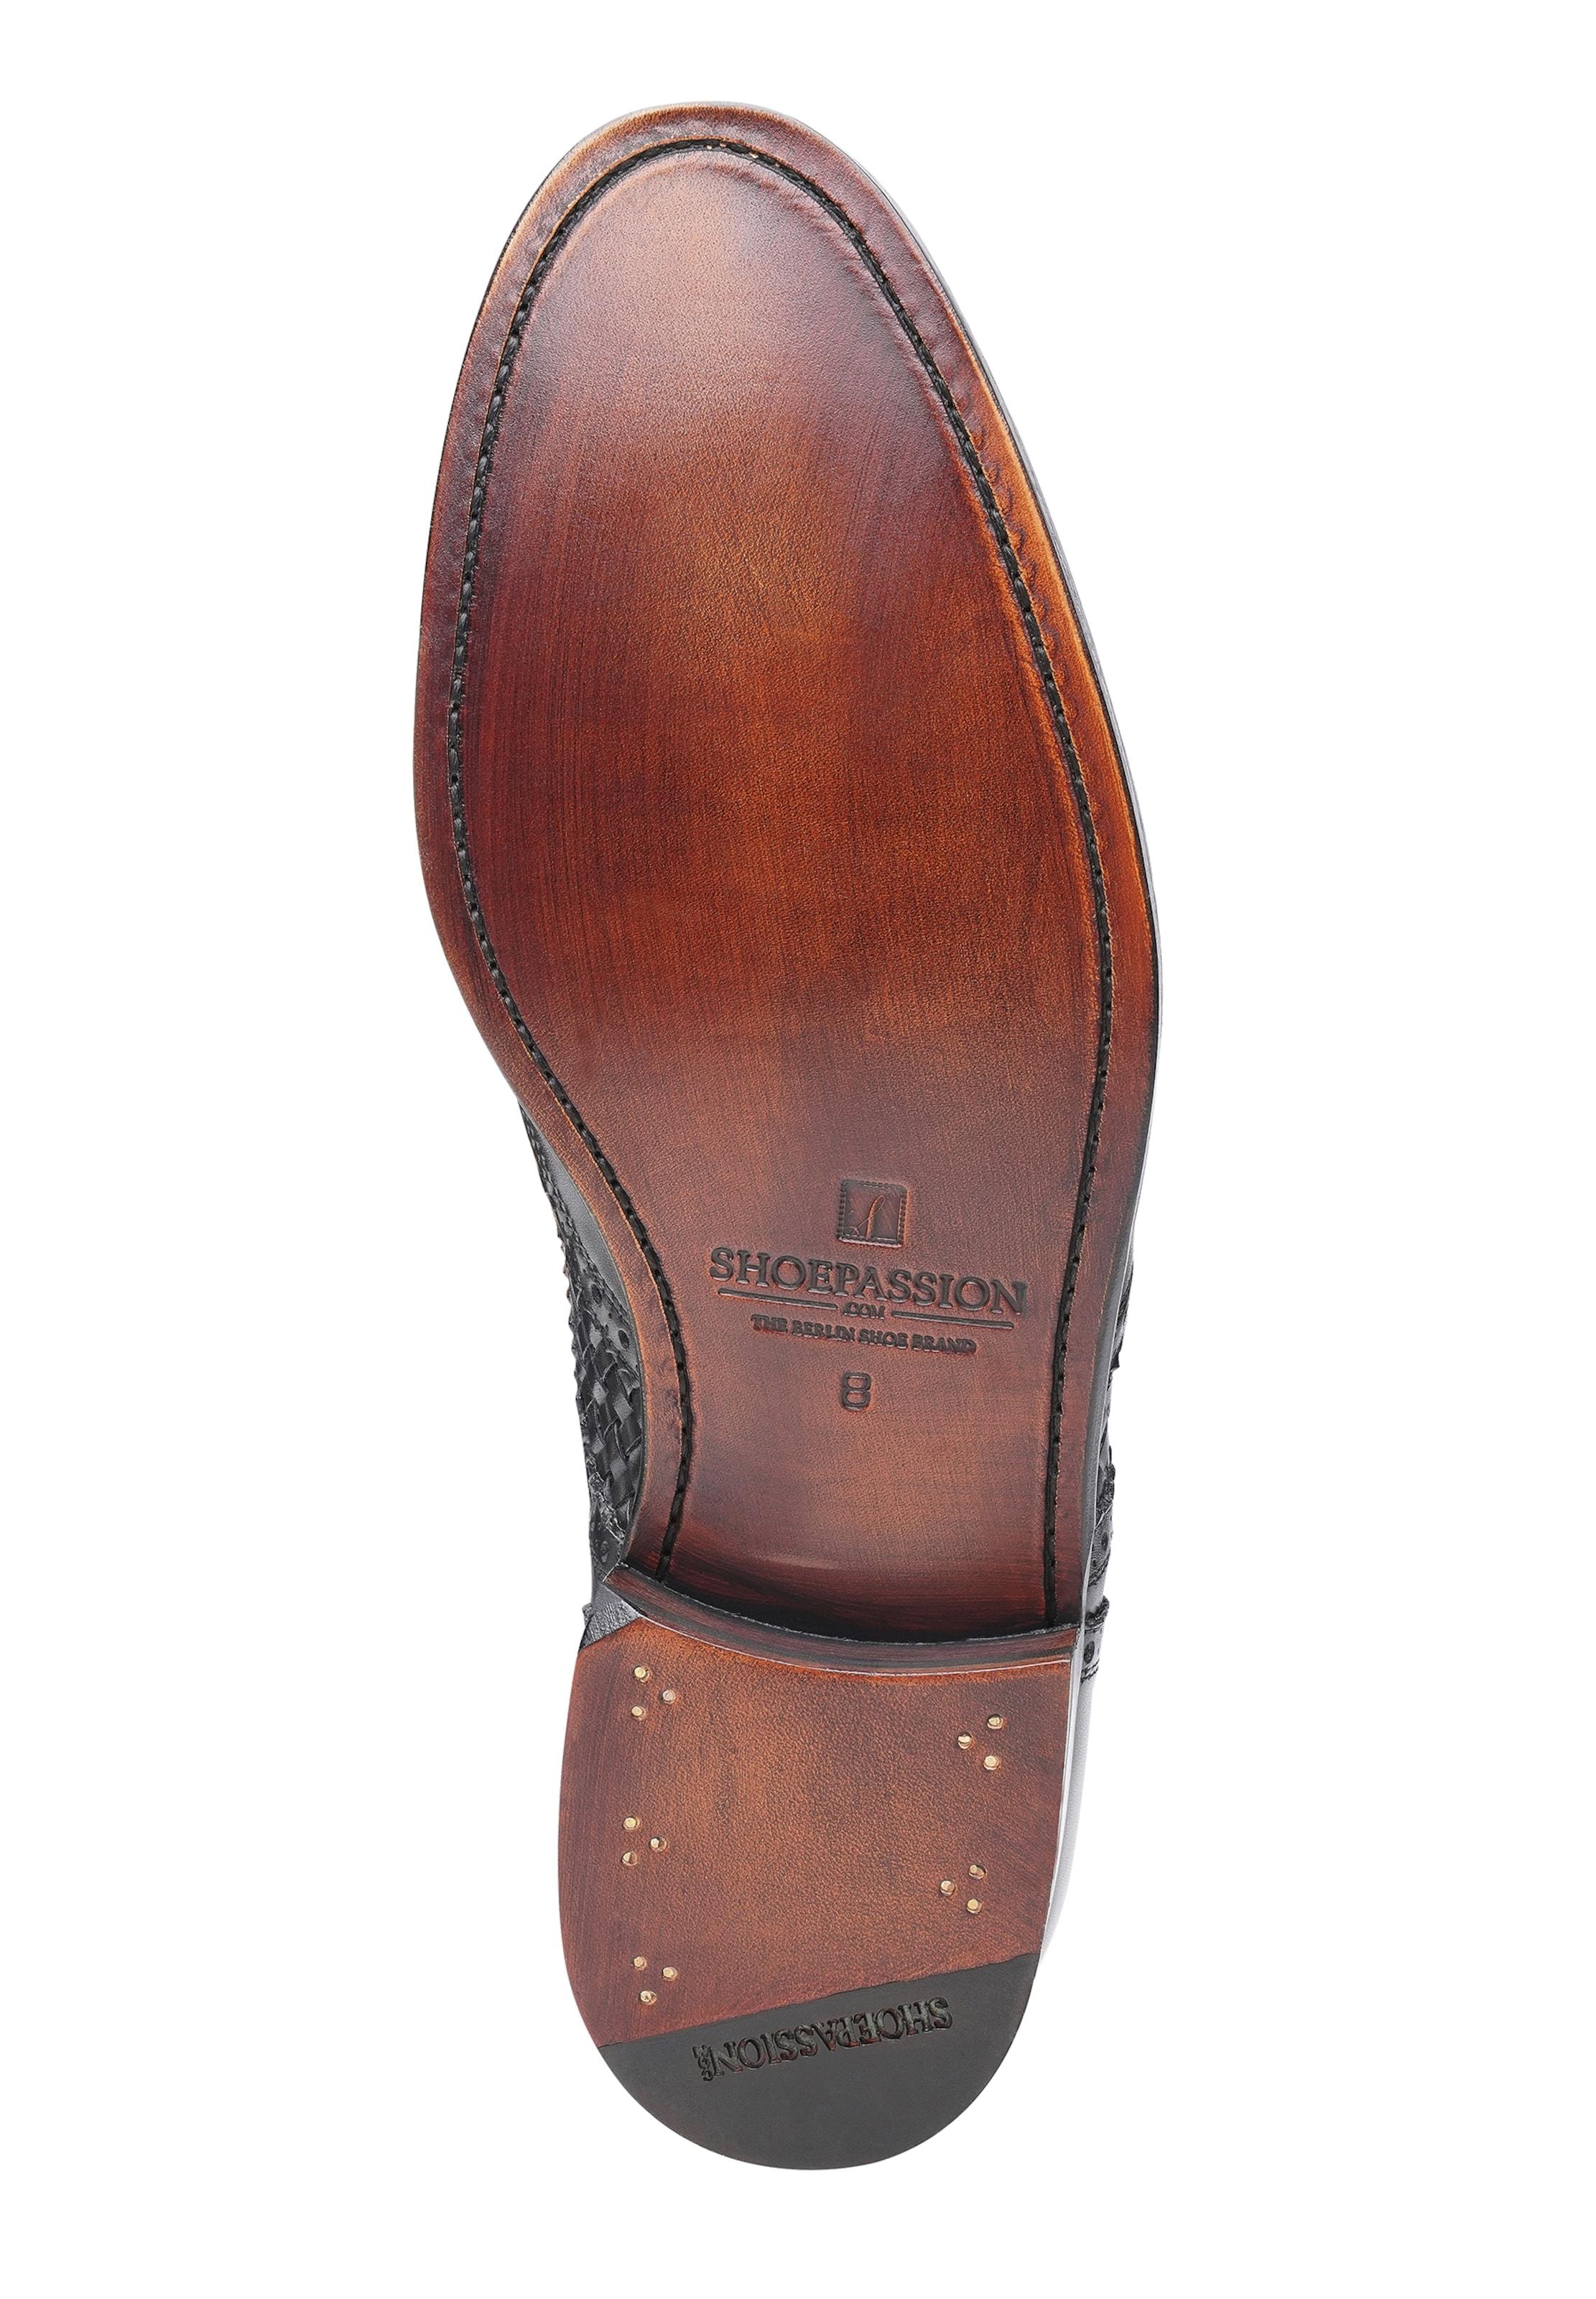 In Veterschoen Veterschoen In 'no5520' Veterschoen In 'no5520' Shoepassion 'no5520' Shoepassion Shoepassion Antraciet Antraciet dsthrQ